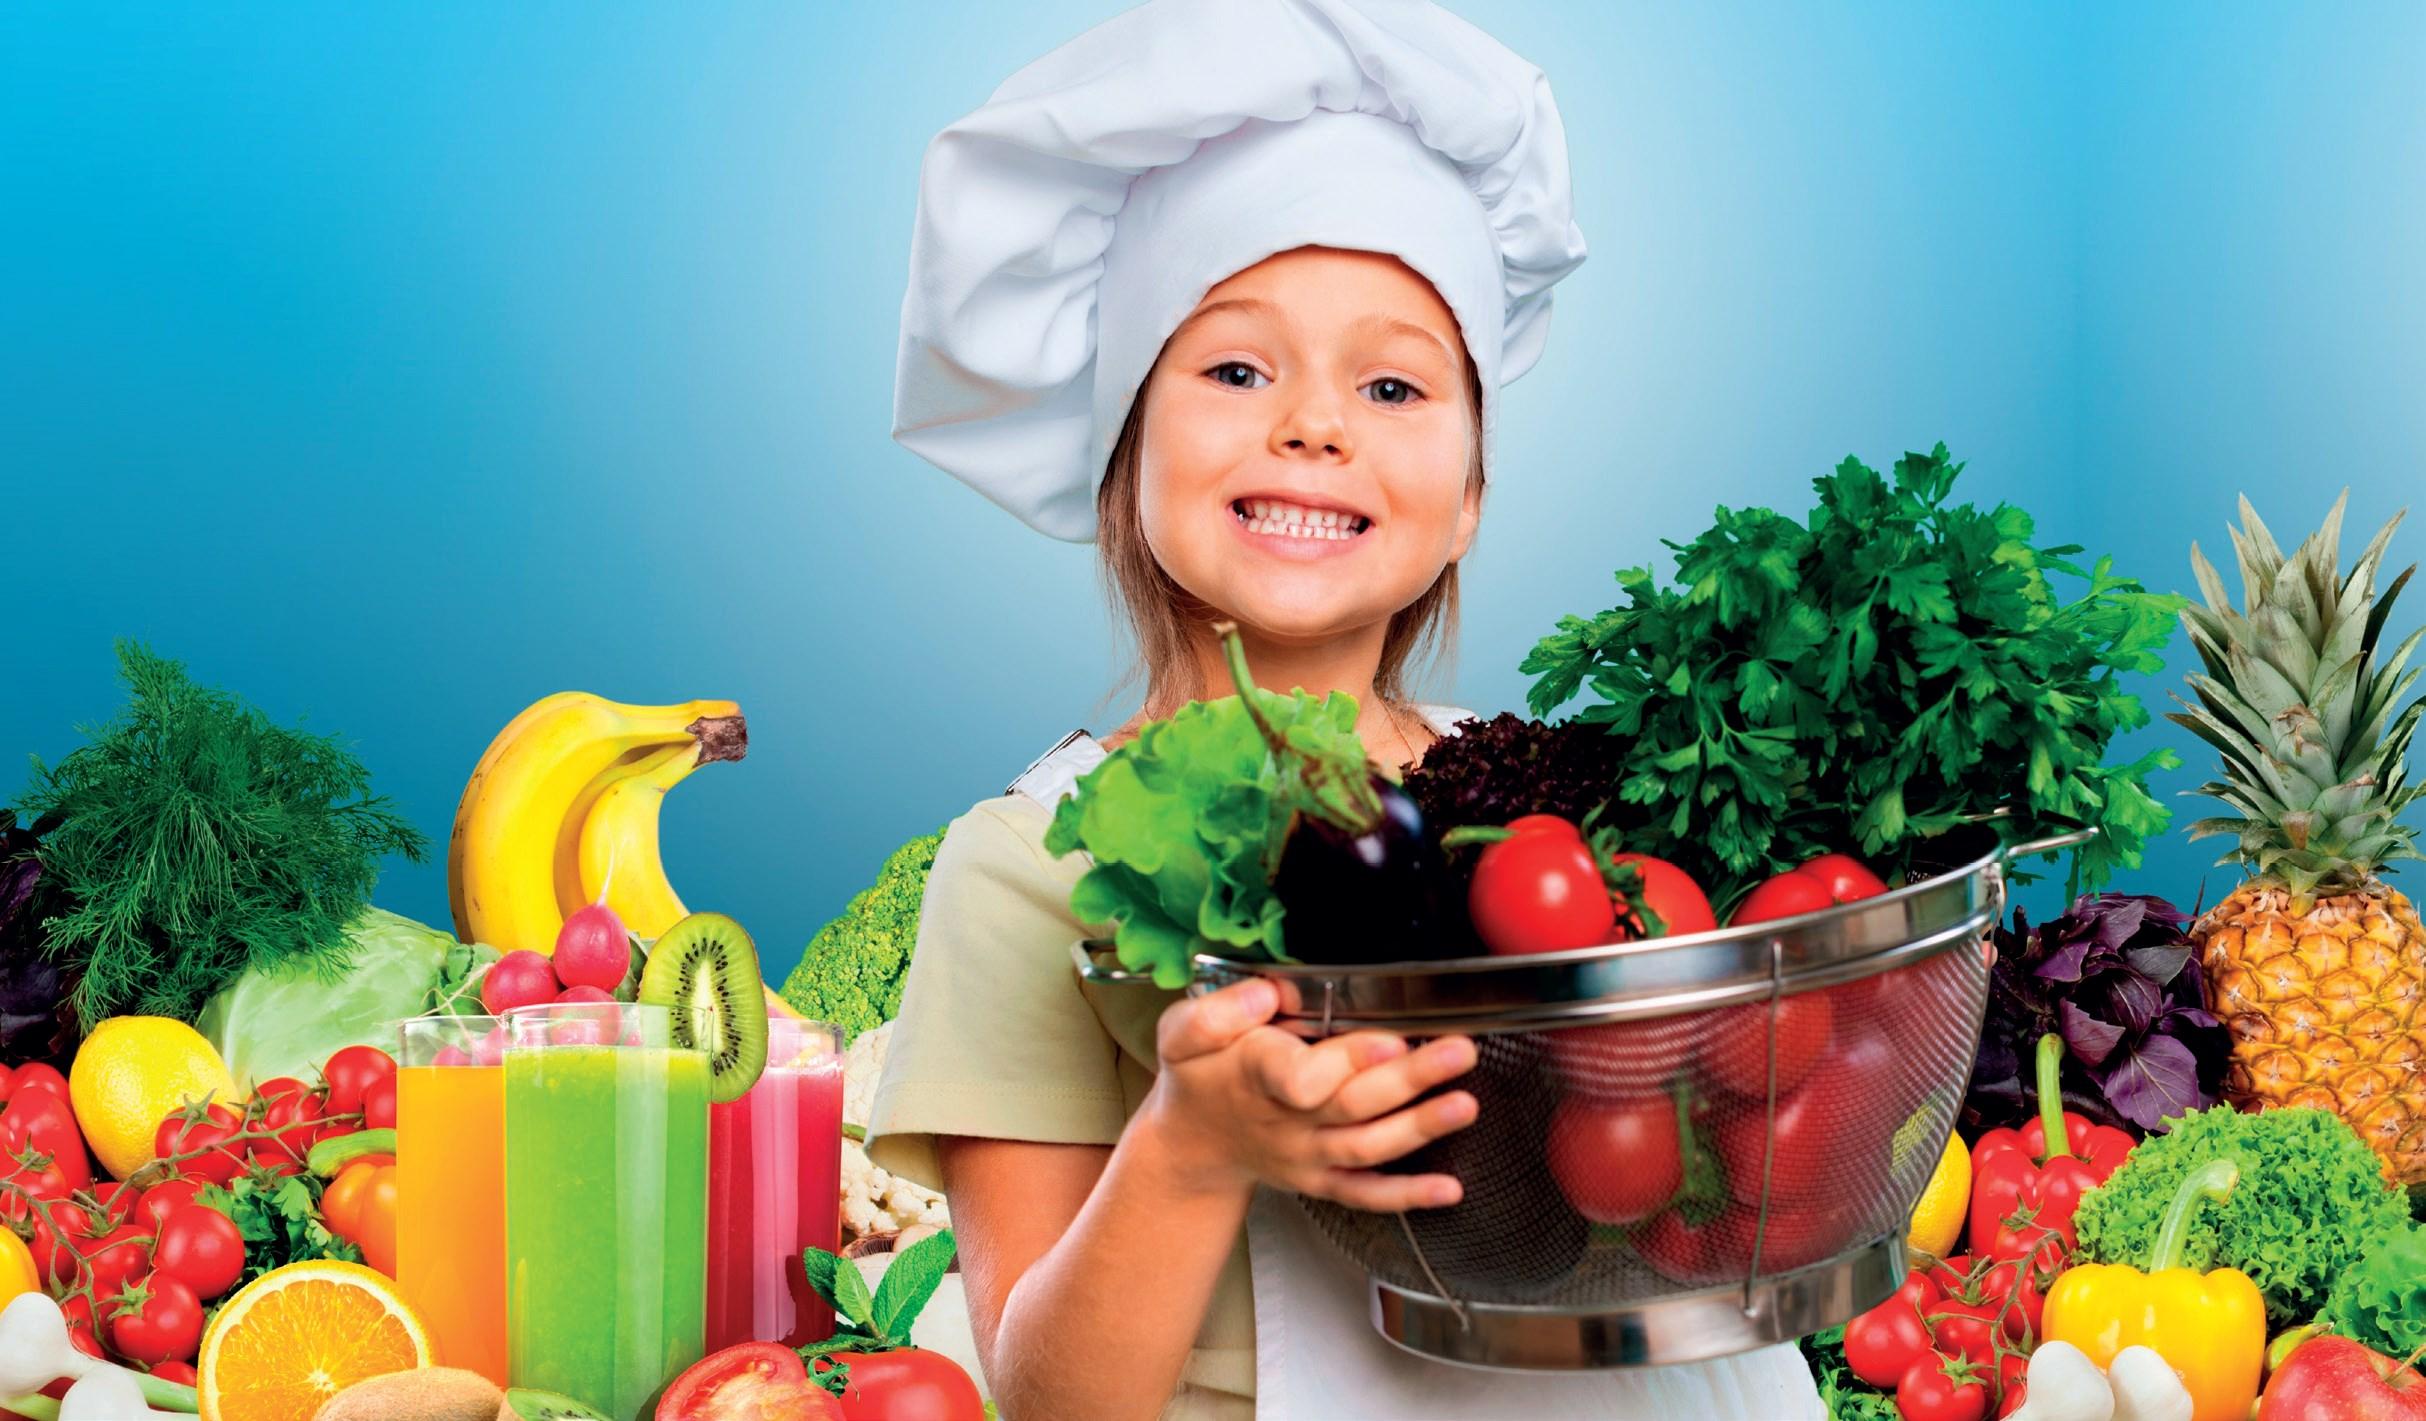 Jak skomponować idealne śniadanie dla dziecka. fot. Fotolia.com